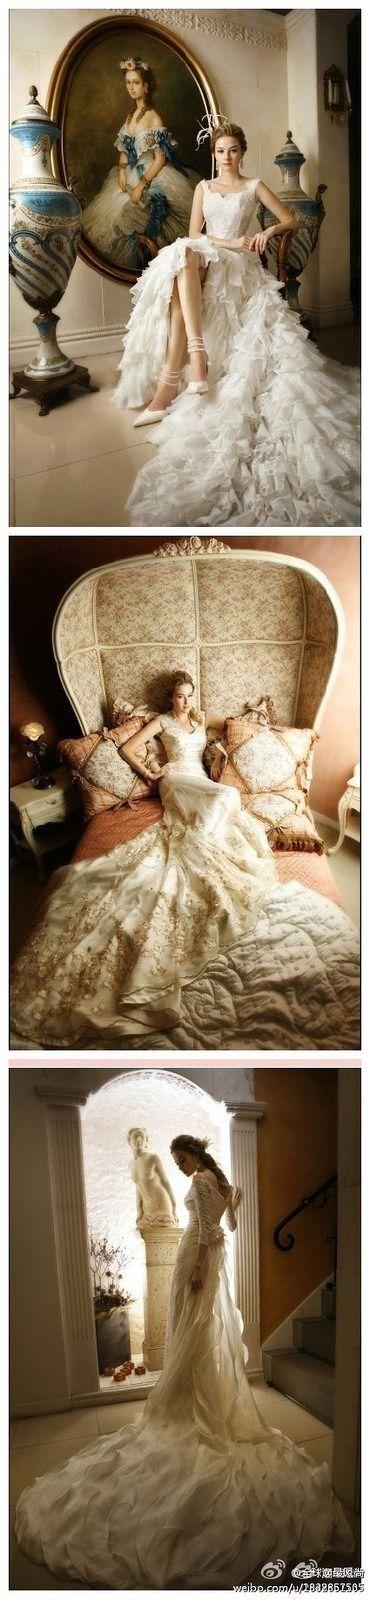 https://flic.kr/p/ARUz5a   Trouwjurken   Bekijk onze ruime collectie trouwjurken. De meeste en mooiste betaalbare trouwjurken bij de Grootste Bruidszaak van Nederland!   www.popo-shoes.nl